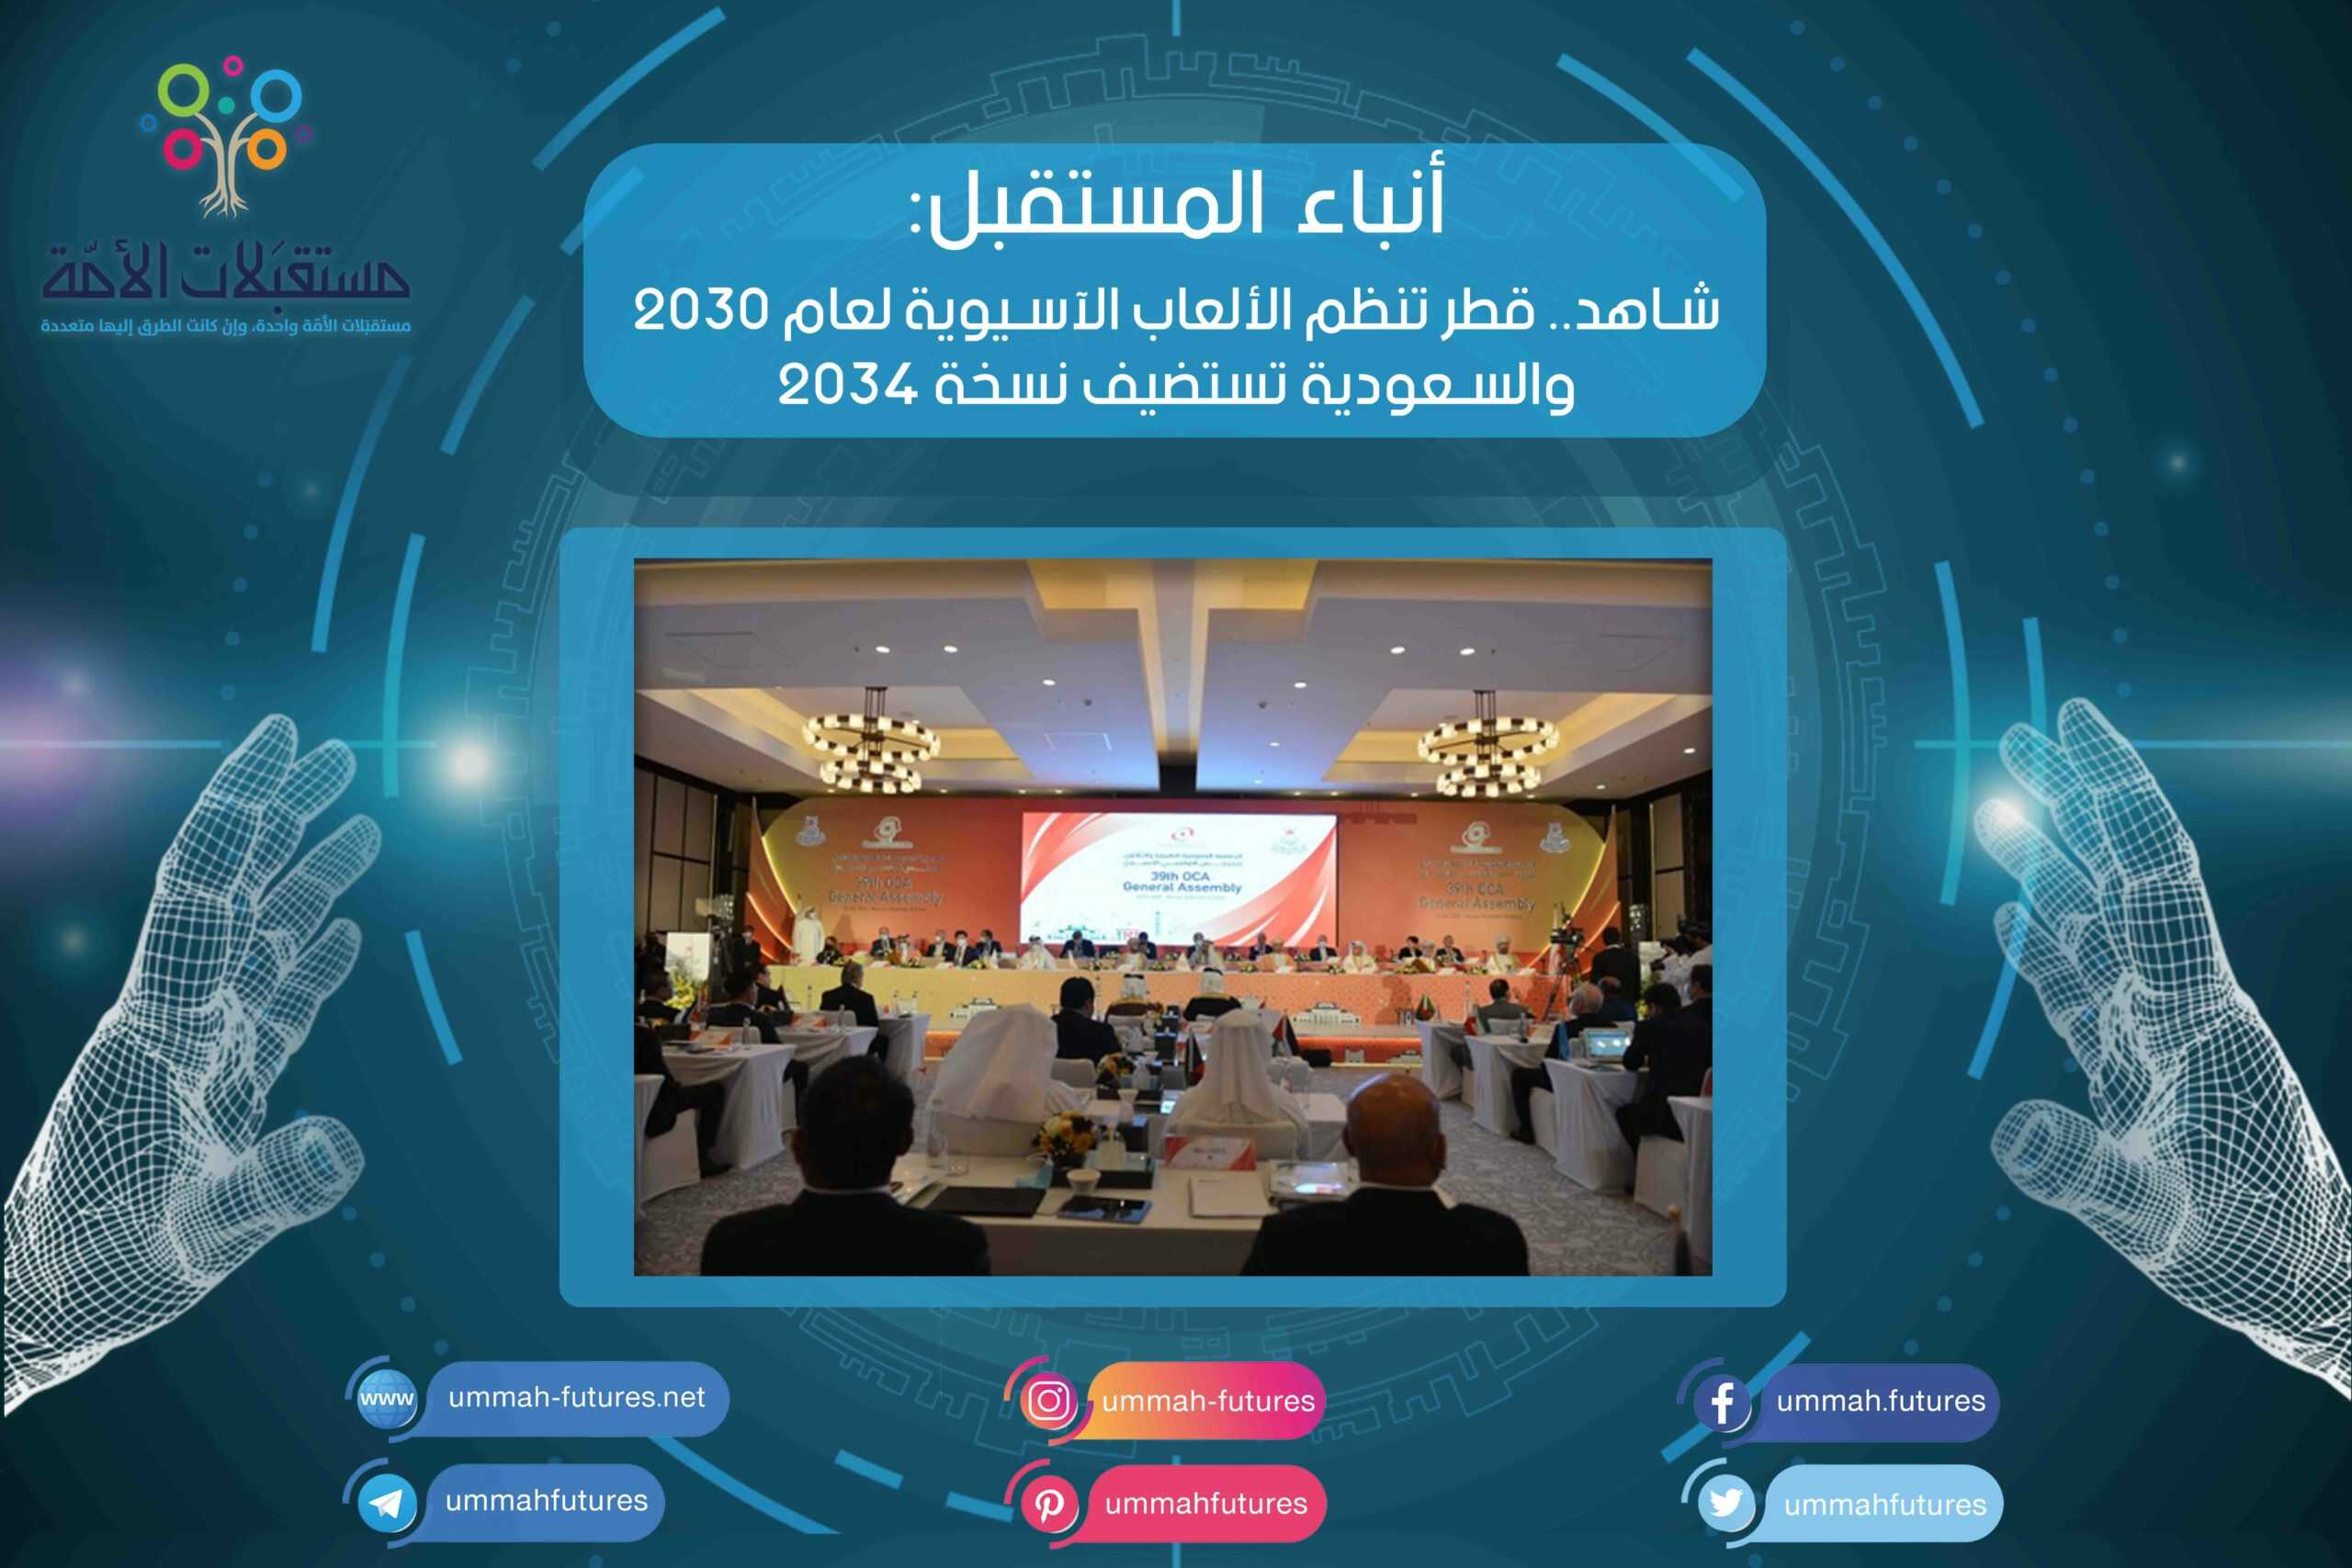 شاهد.. قطر تنظم الألعاب الآسيوية لعام 2030 والسعودية تستضيف نسخة 2034